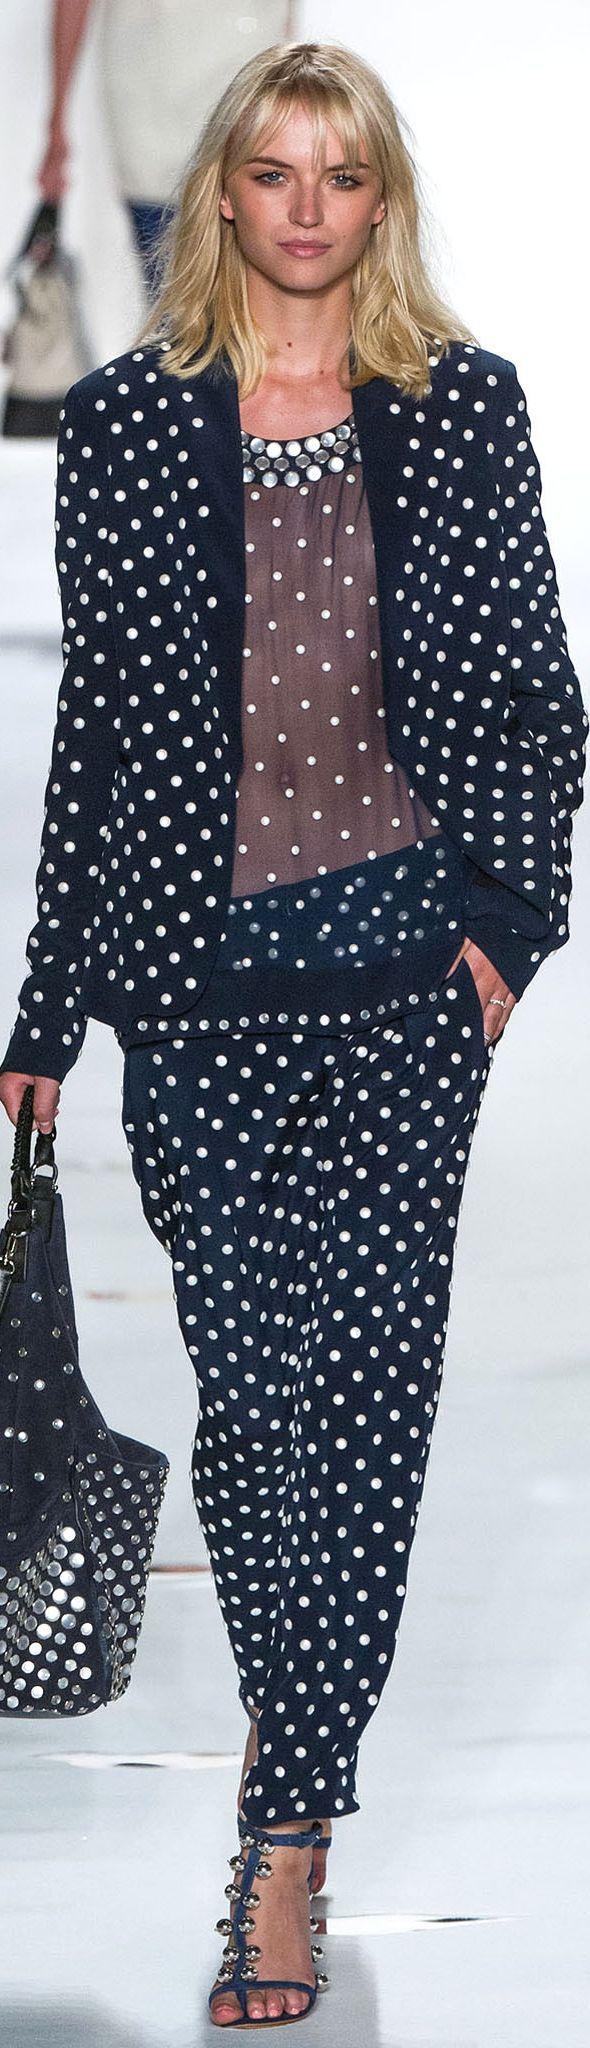 Diane von Furstenberg Spring 2013 Ready-to-Wear